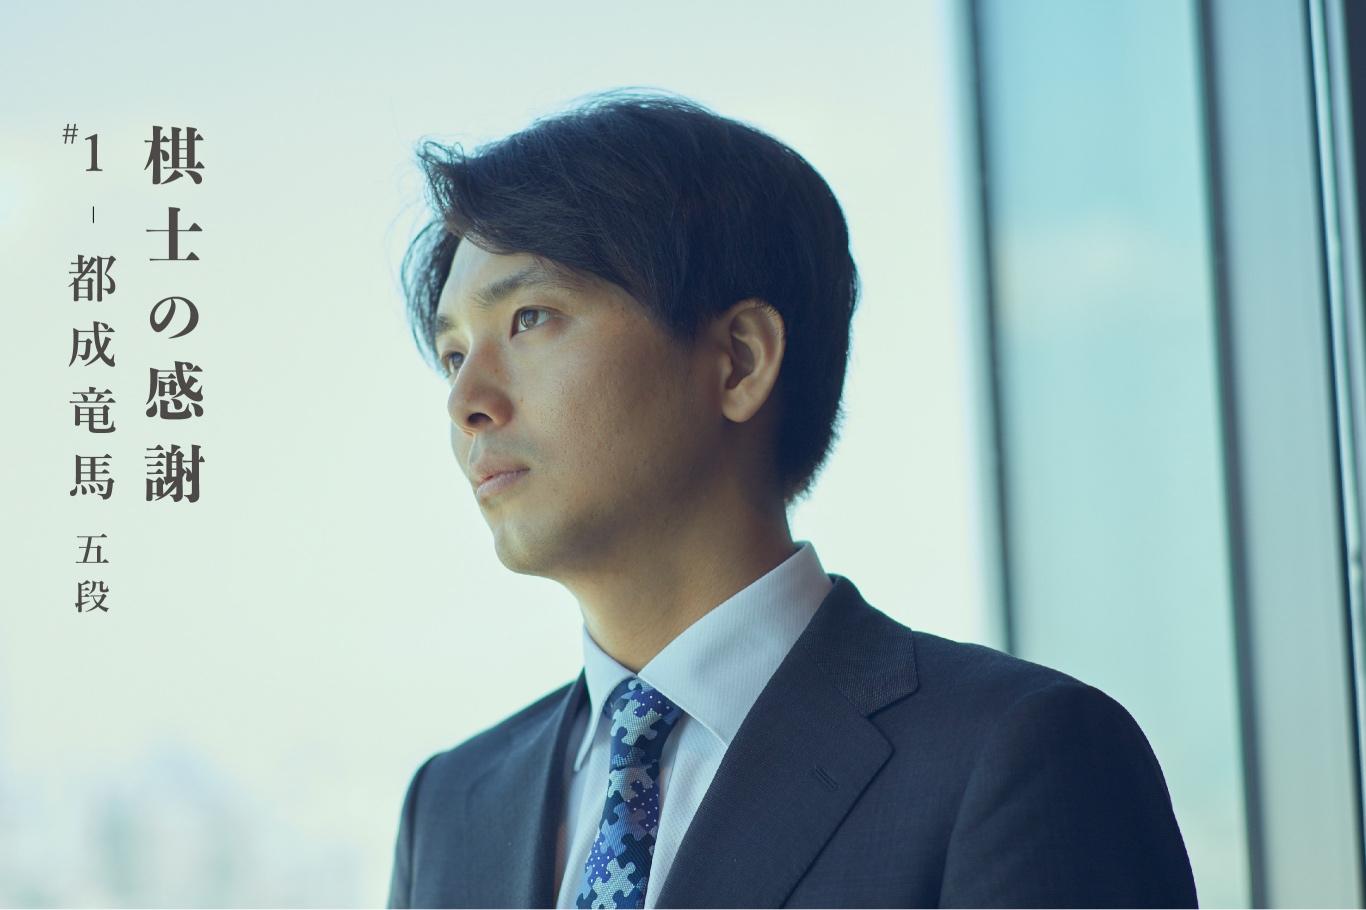 【都成竜馬の感謝】師匠・谷川浩司から受け継がれた棋士としての誇り